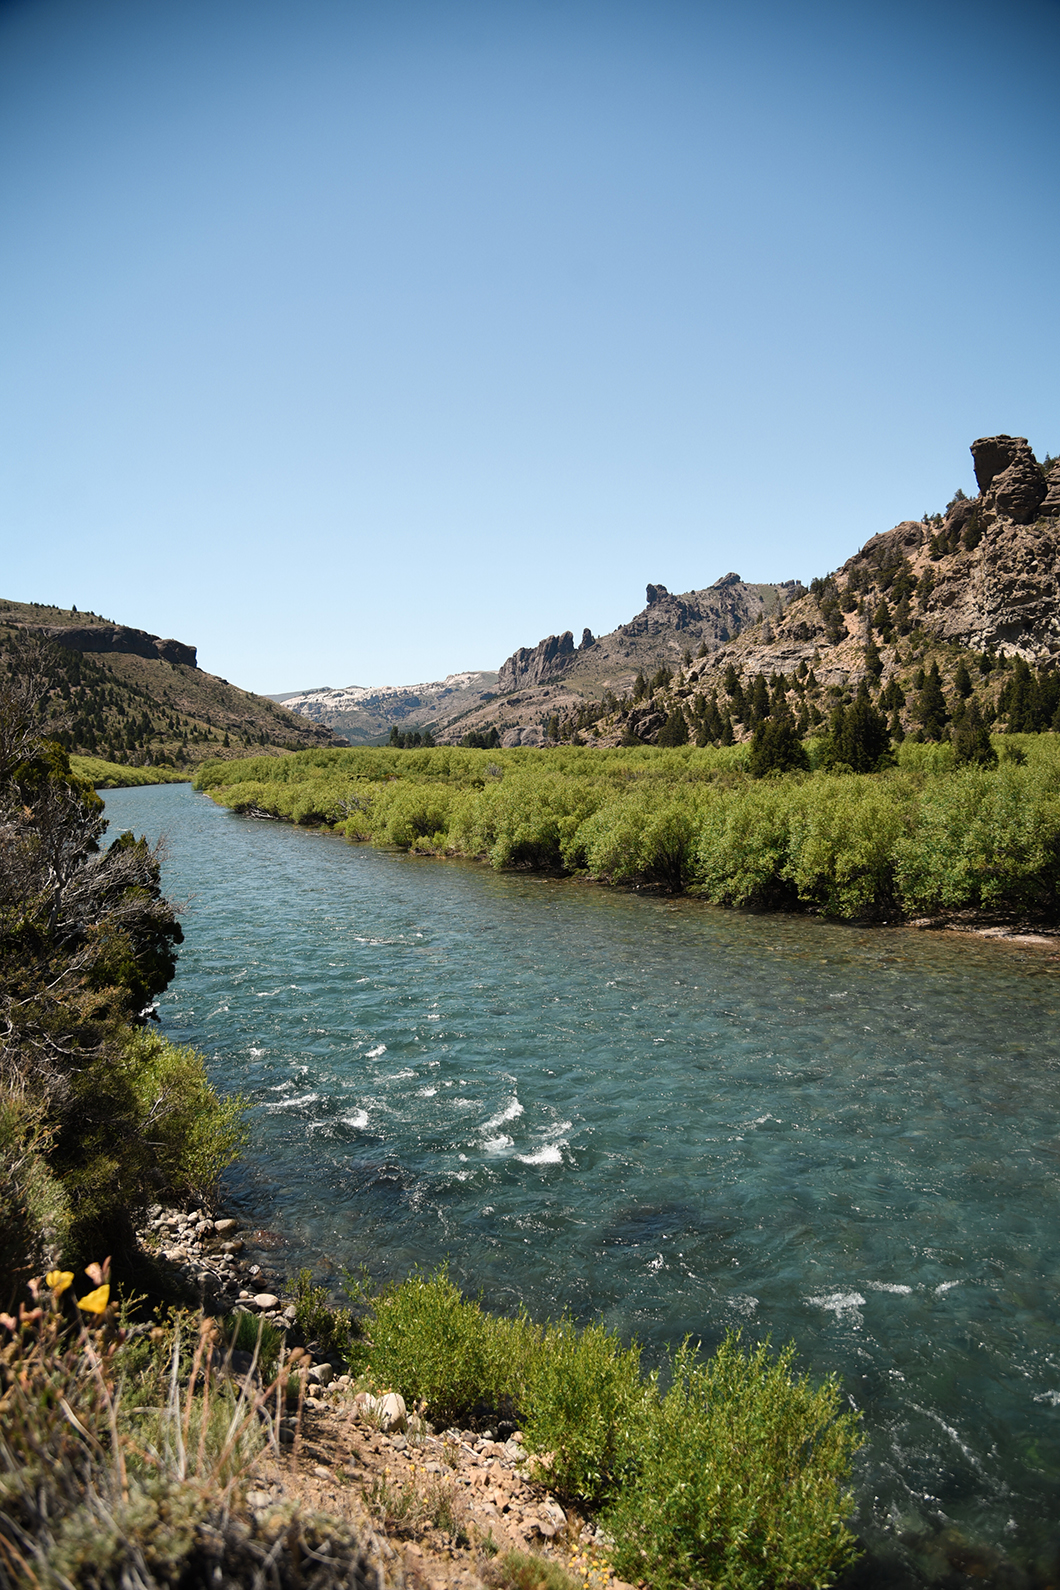 Les paysages de la région de Bariloche en Argentine